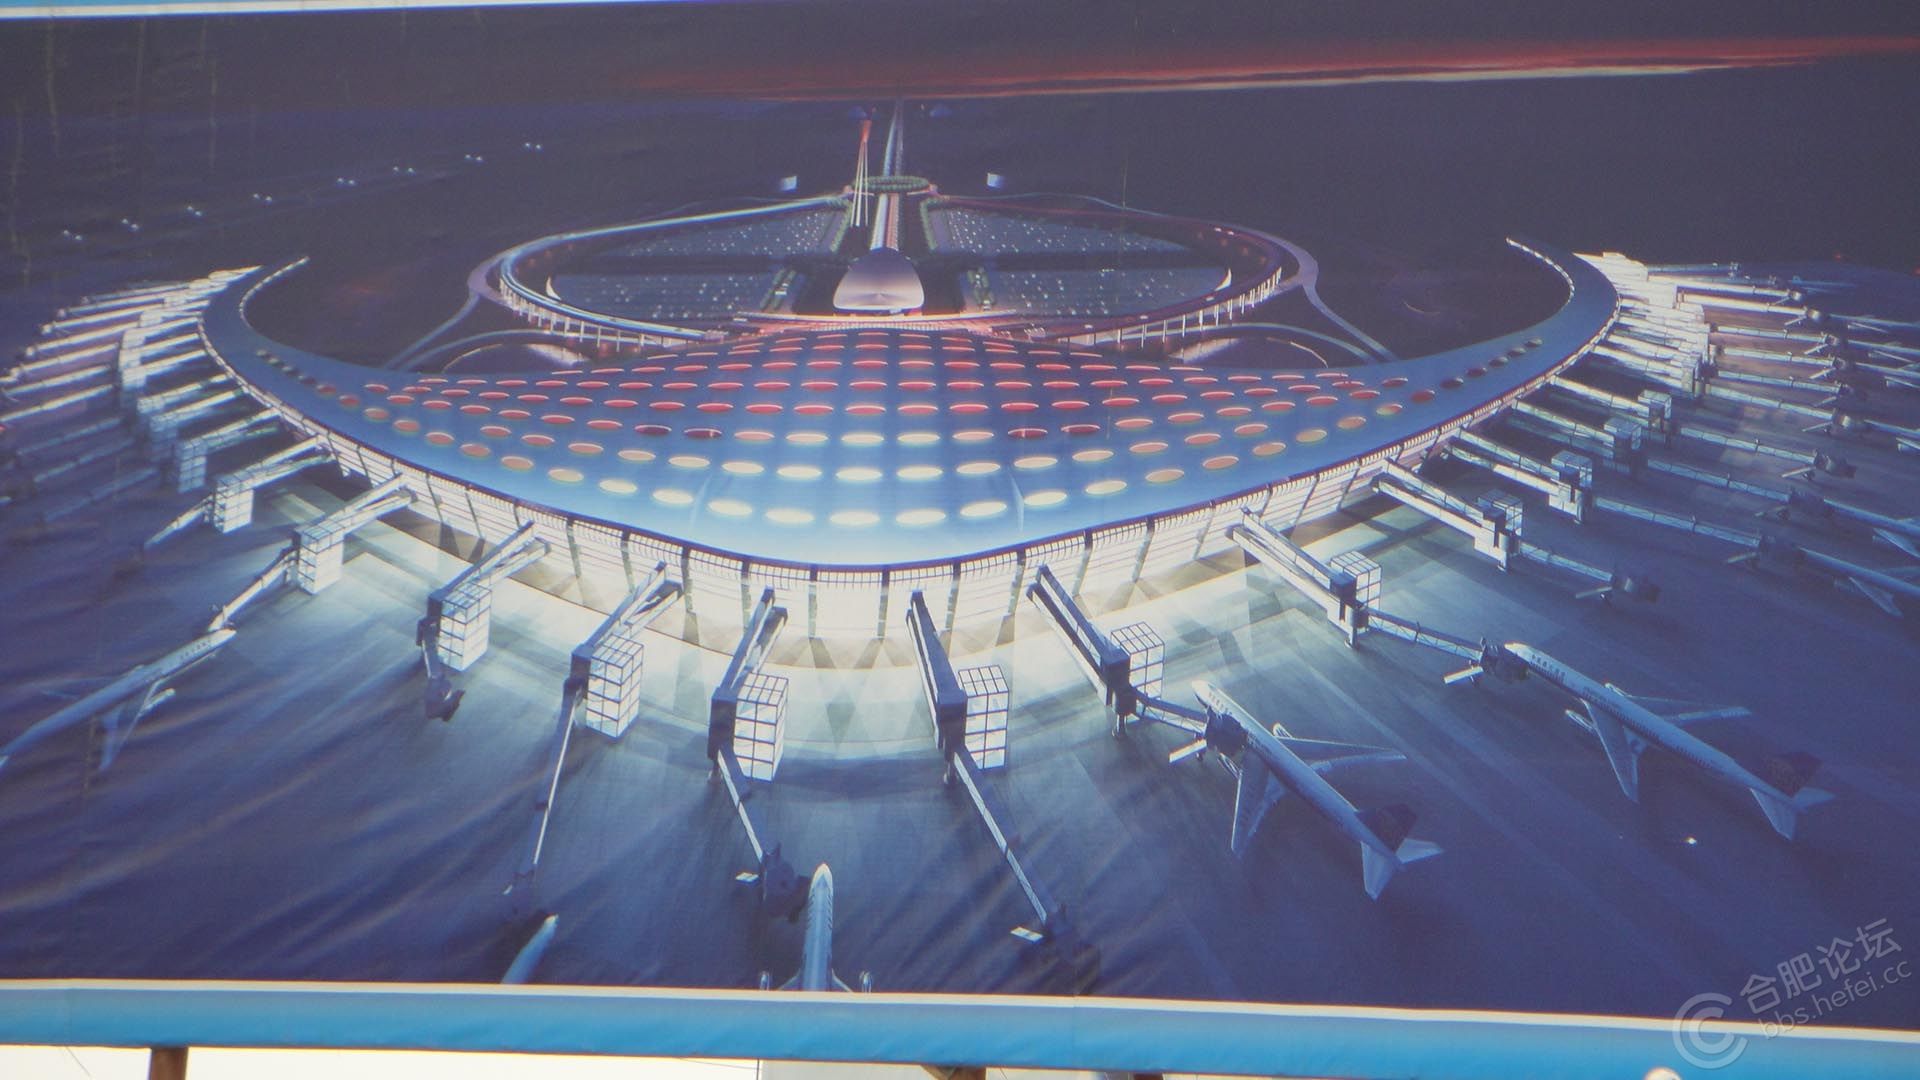 合肥新桥机场最新进度高清图,内部图最新上了vip效果图 安徽